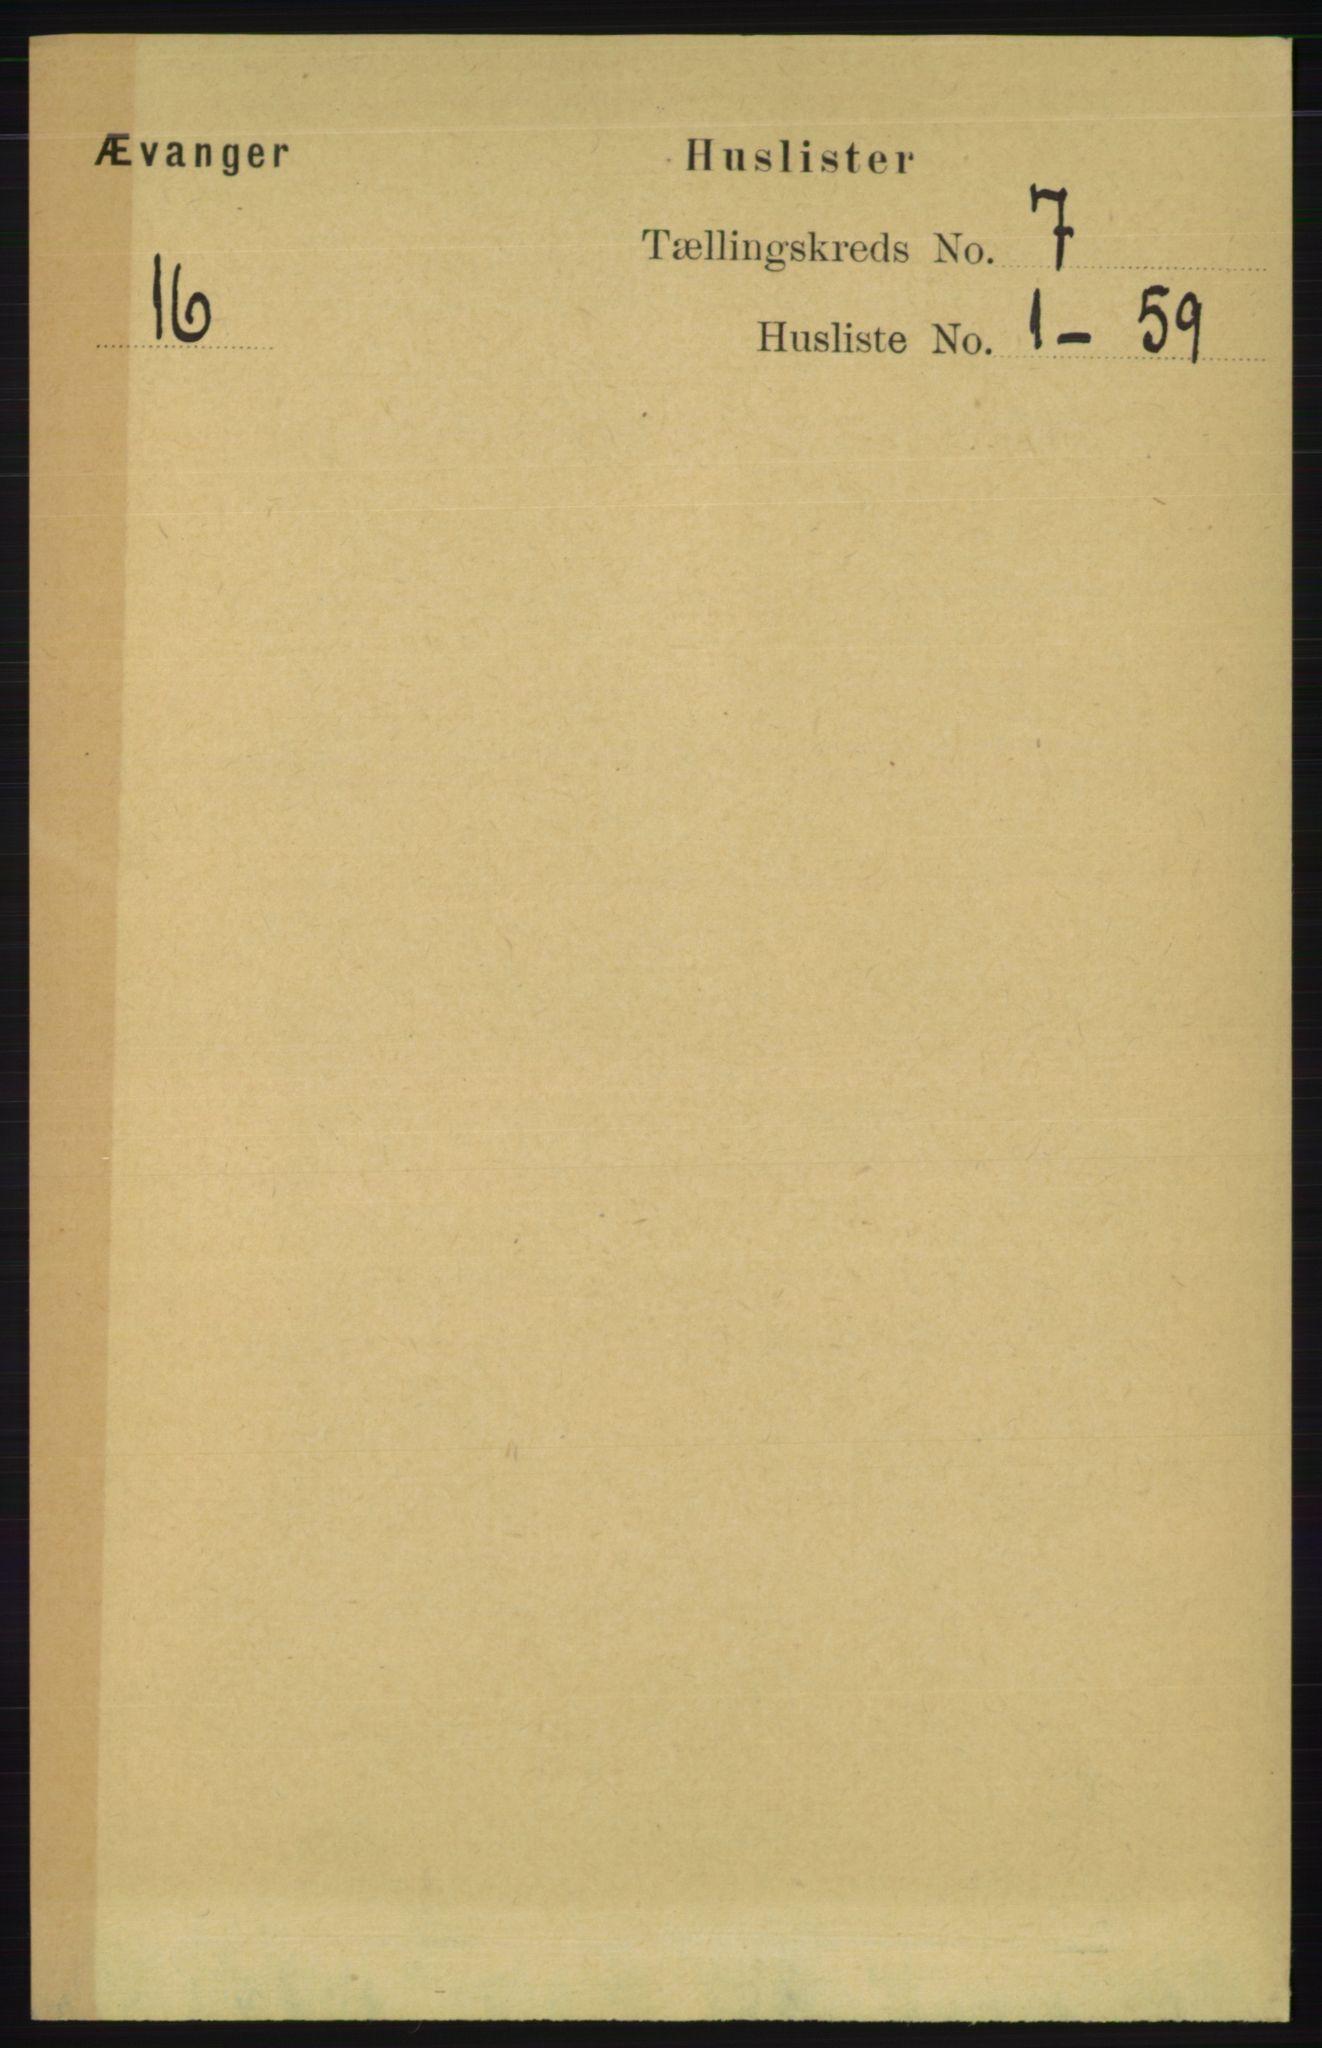 RA, Folketelling 1891 for 1237 Evanger herred, 1891, s. 1810